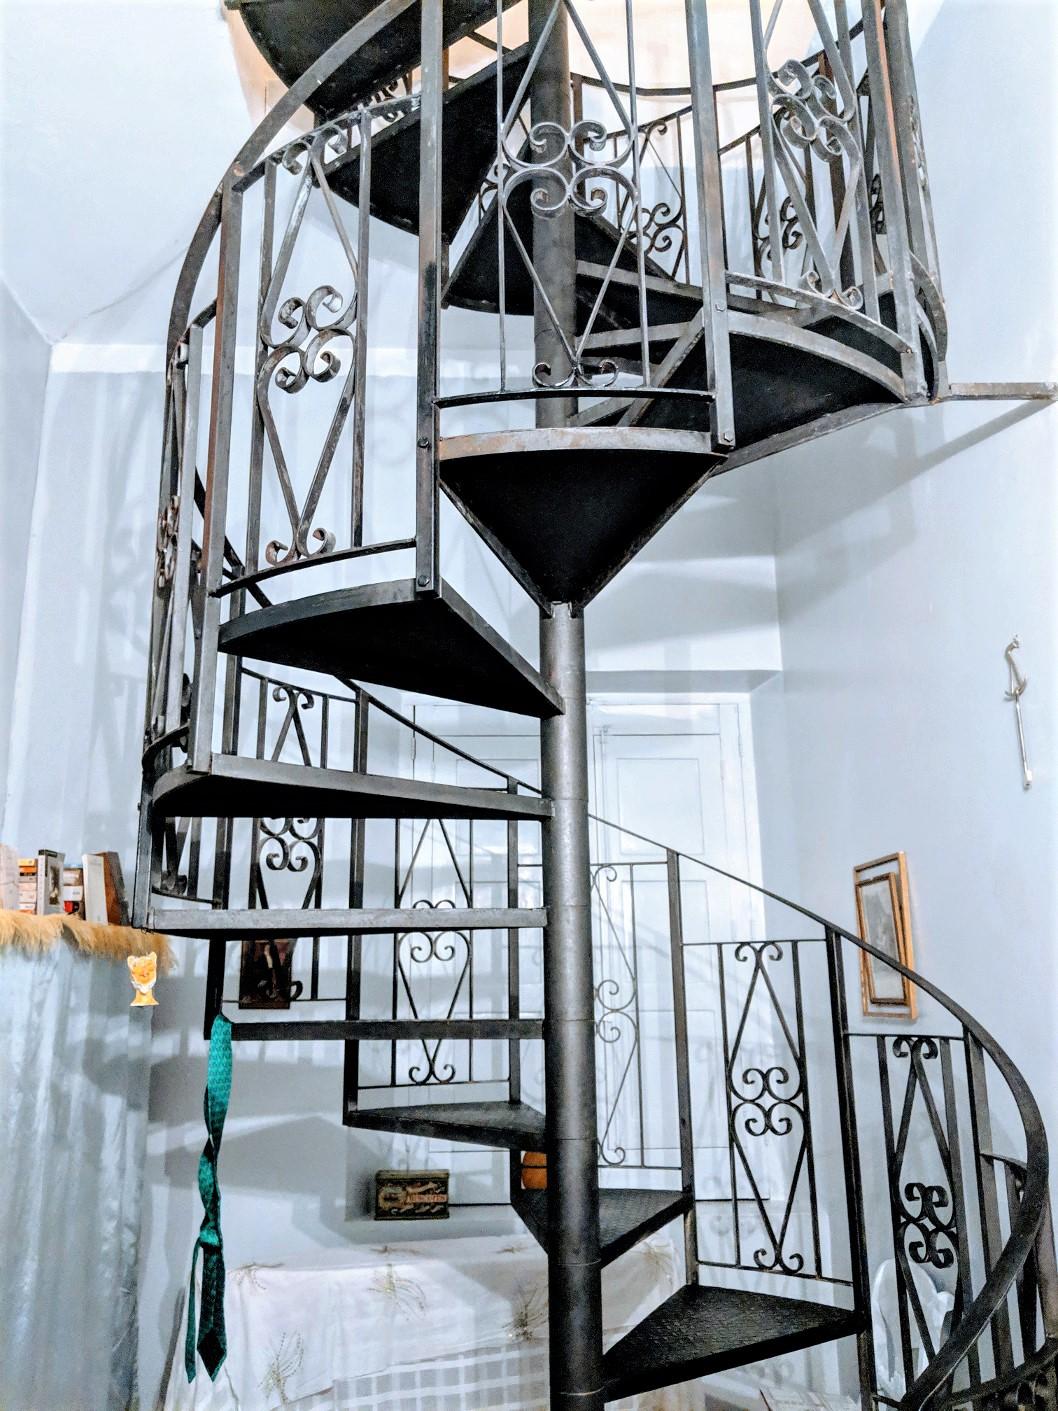 56 spiral stairs villa ama sicily (2).jpg